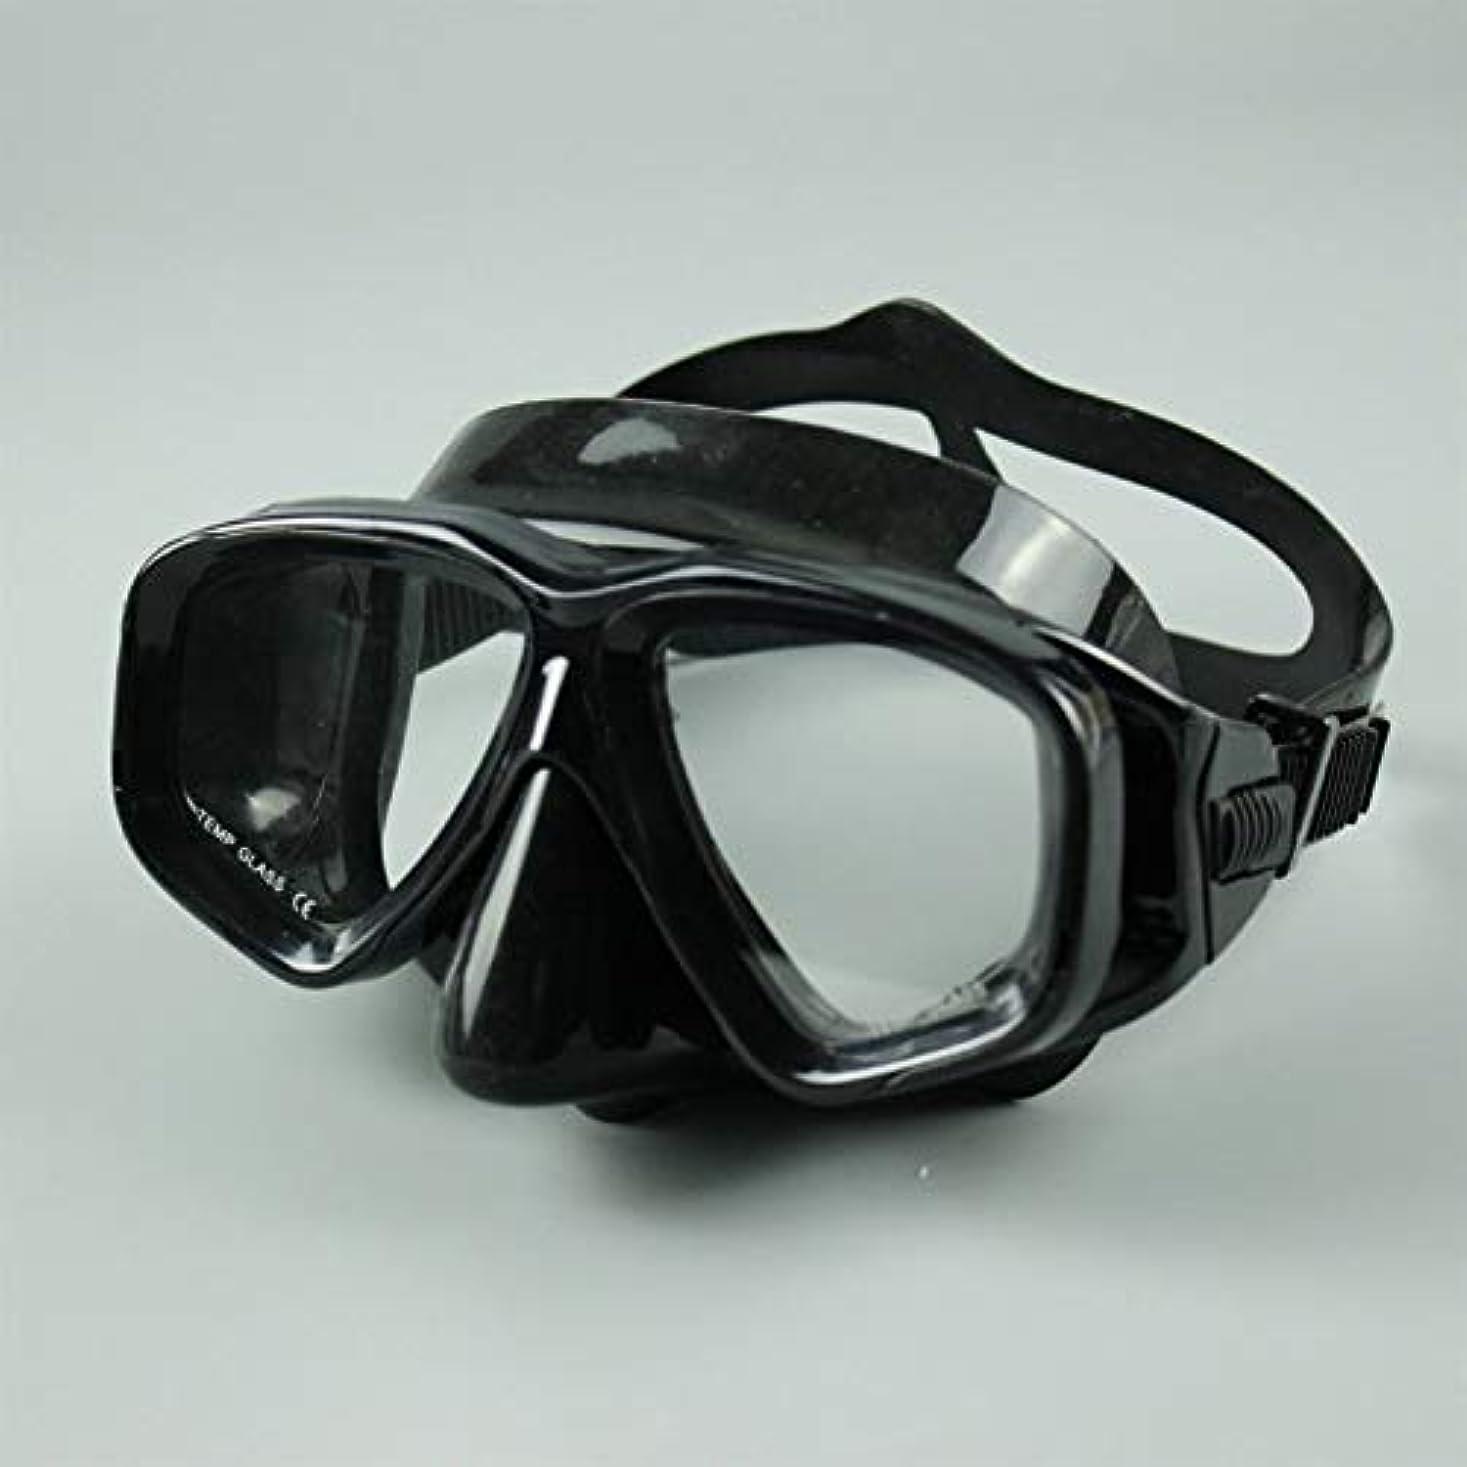 ヘッジ誰かボーナス大人の黒いシリコーンの物質的な水泳のダイビングガラスの迷彩マスク g5y9k2i3rw1